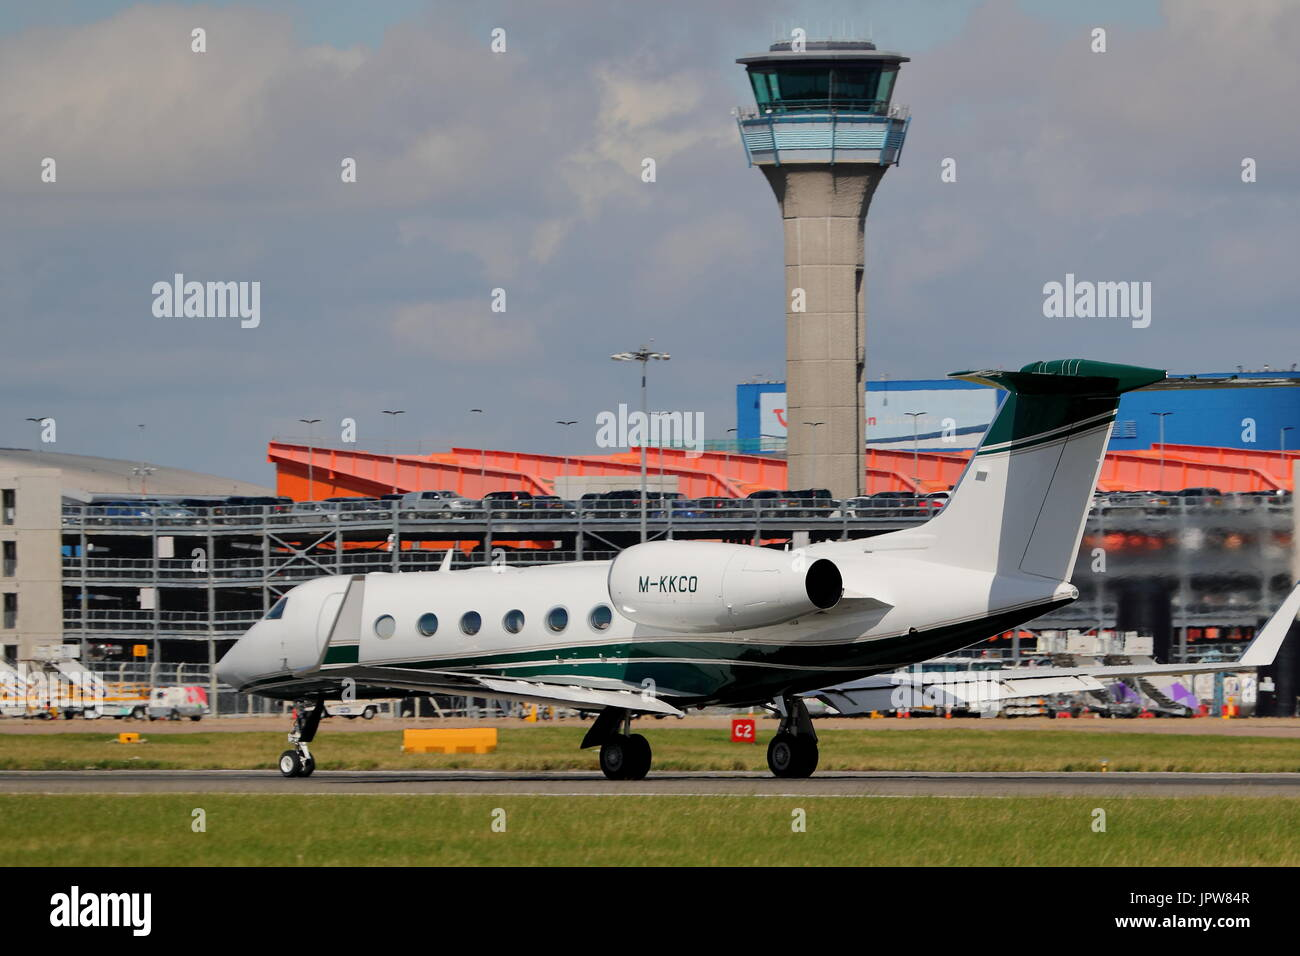 Gulfstream Grumman G450 M-KKCO business jet in decollo a Londra Luton, Regno Unito Immagini Stock